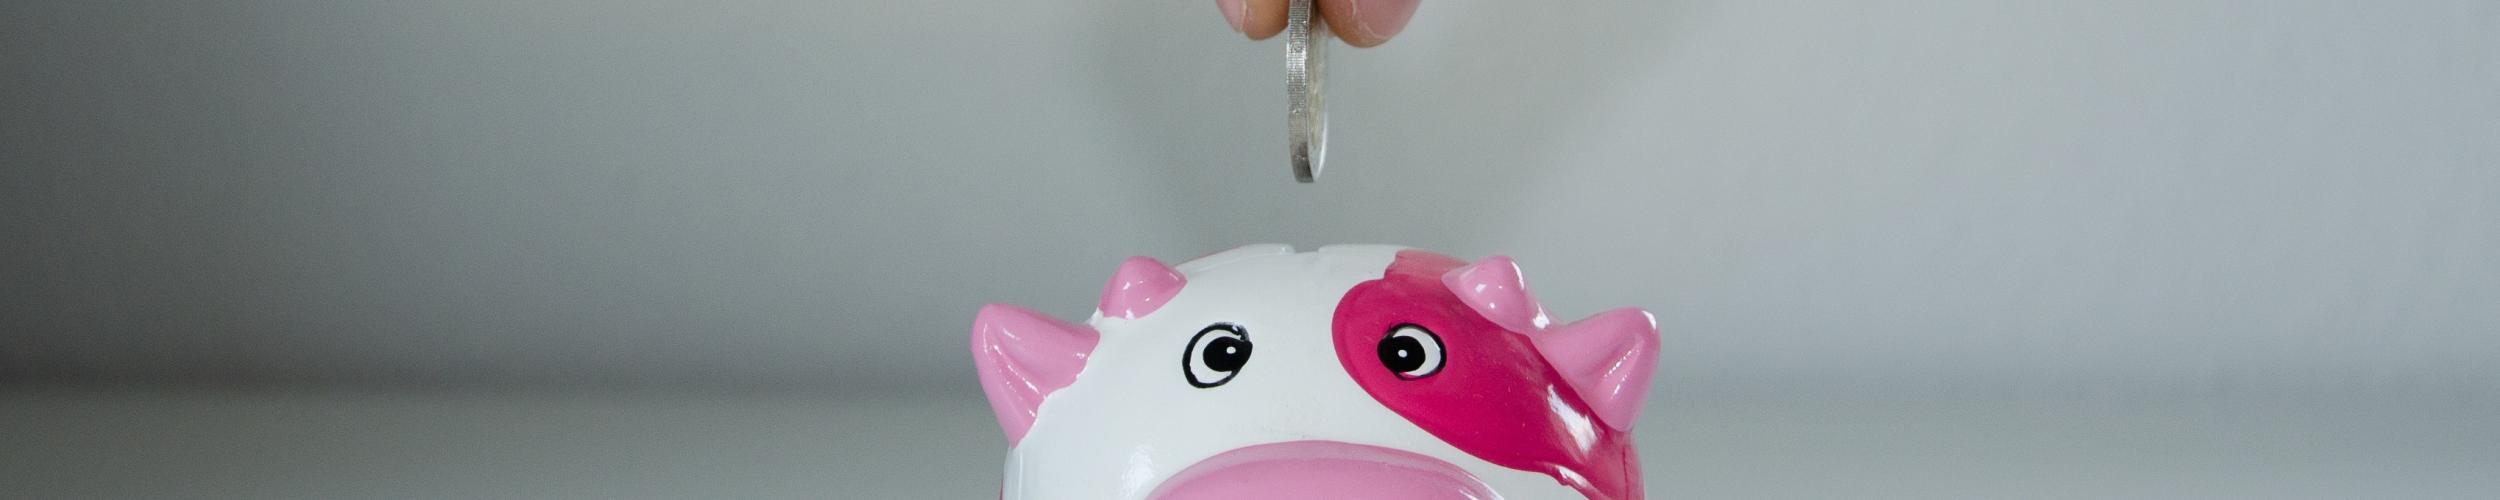 Financiële en praktische ondersteuning bij zwangerschap en bevalling